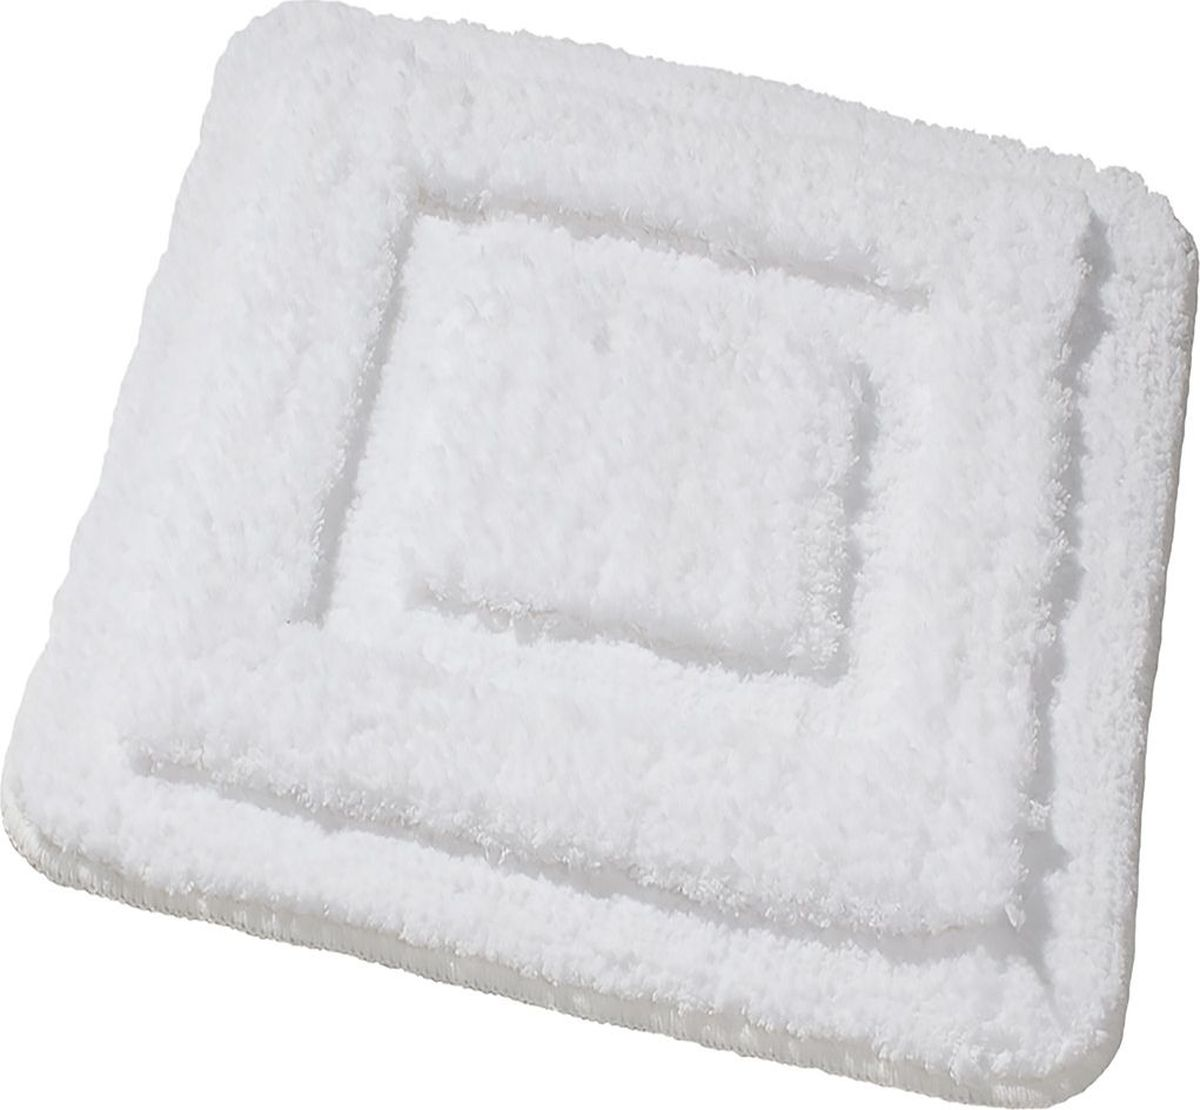 Коврик для ванной Ridder Juwel, цвет: белый, 55 х 50 см